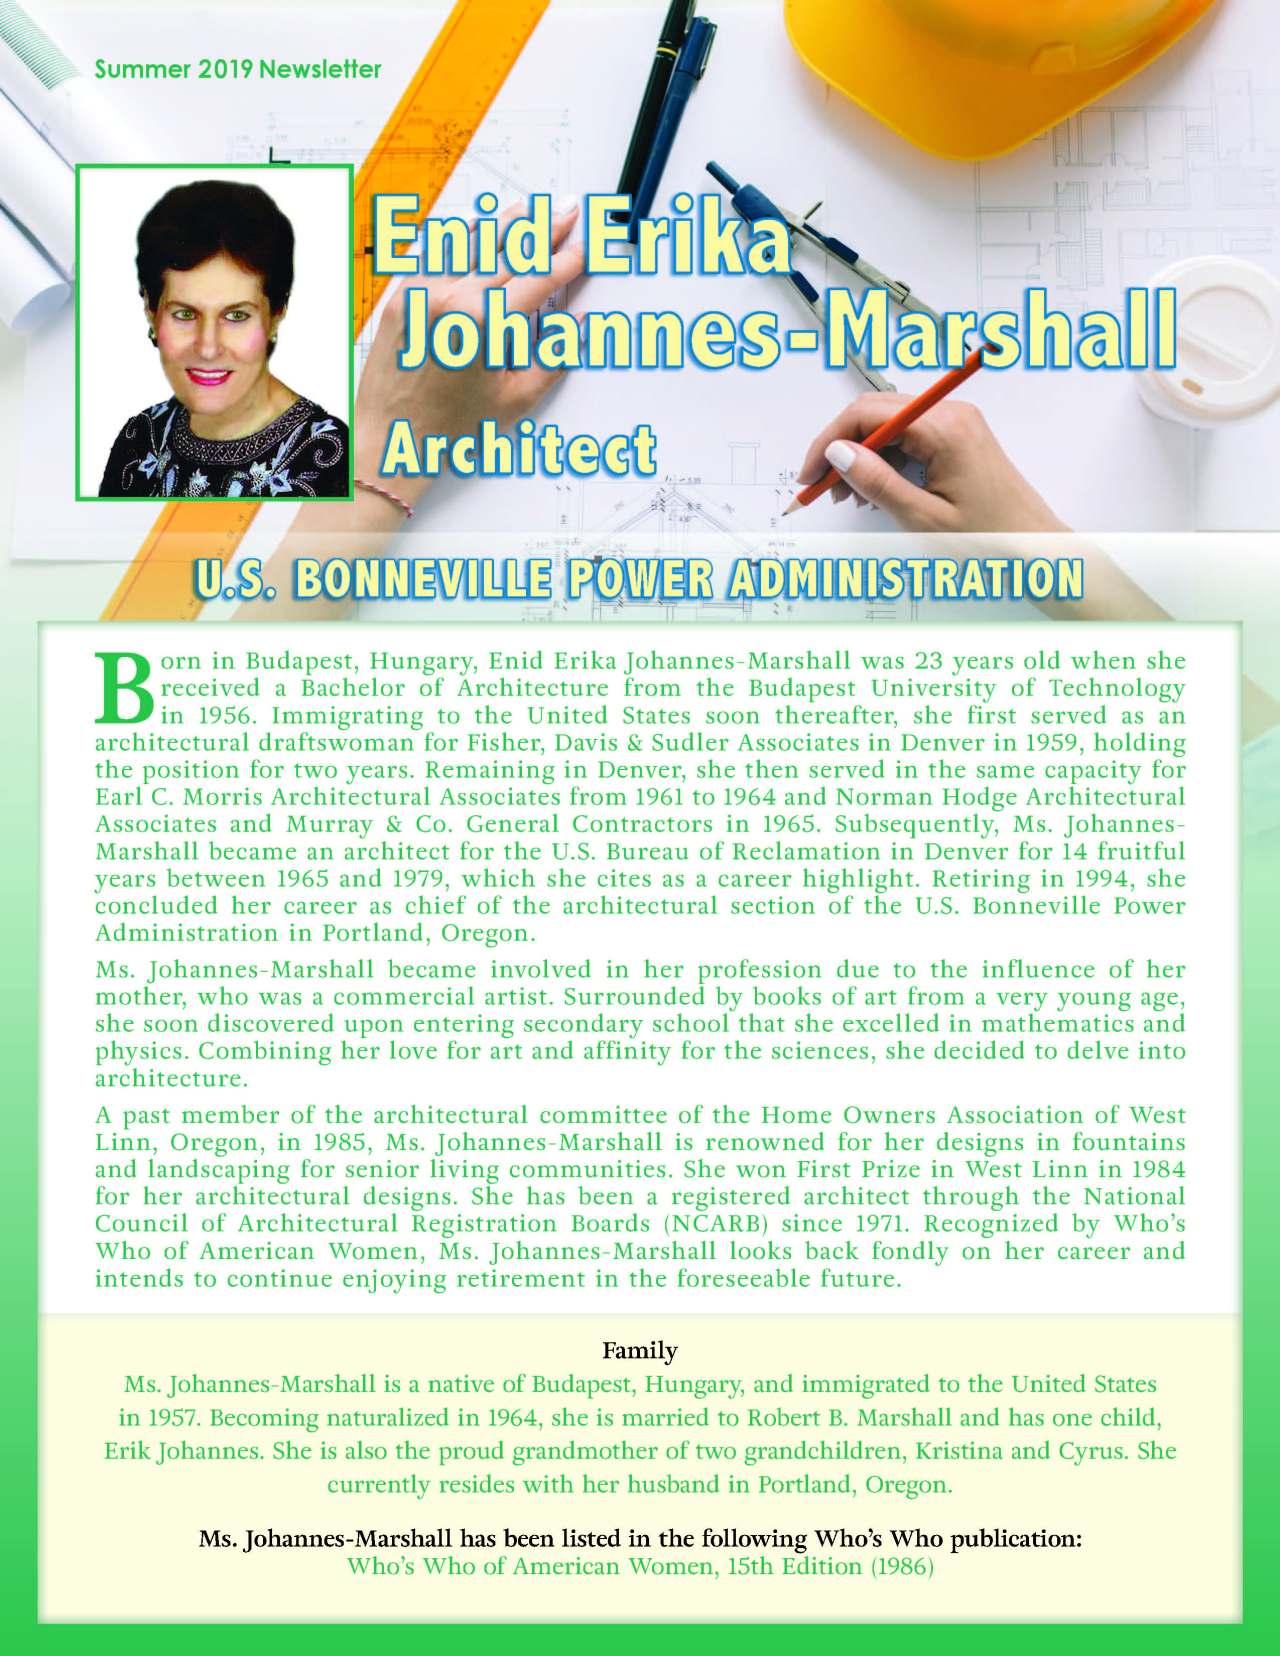 Marshall, Enid 4380795_3117189 Newsletter REVISED.jpg